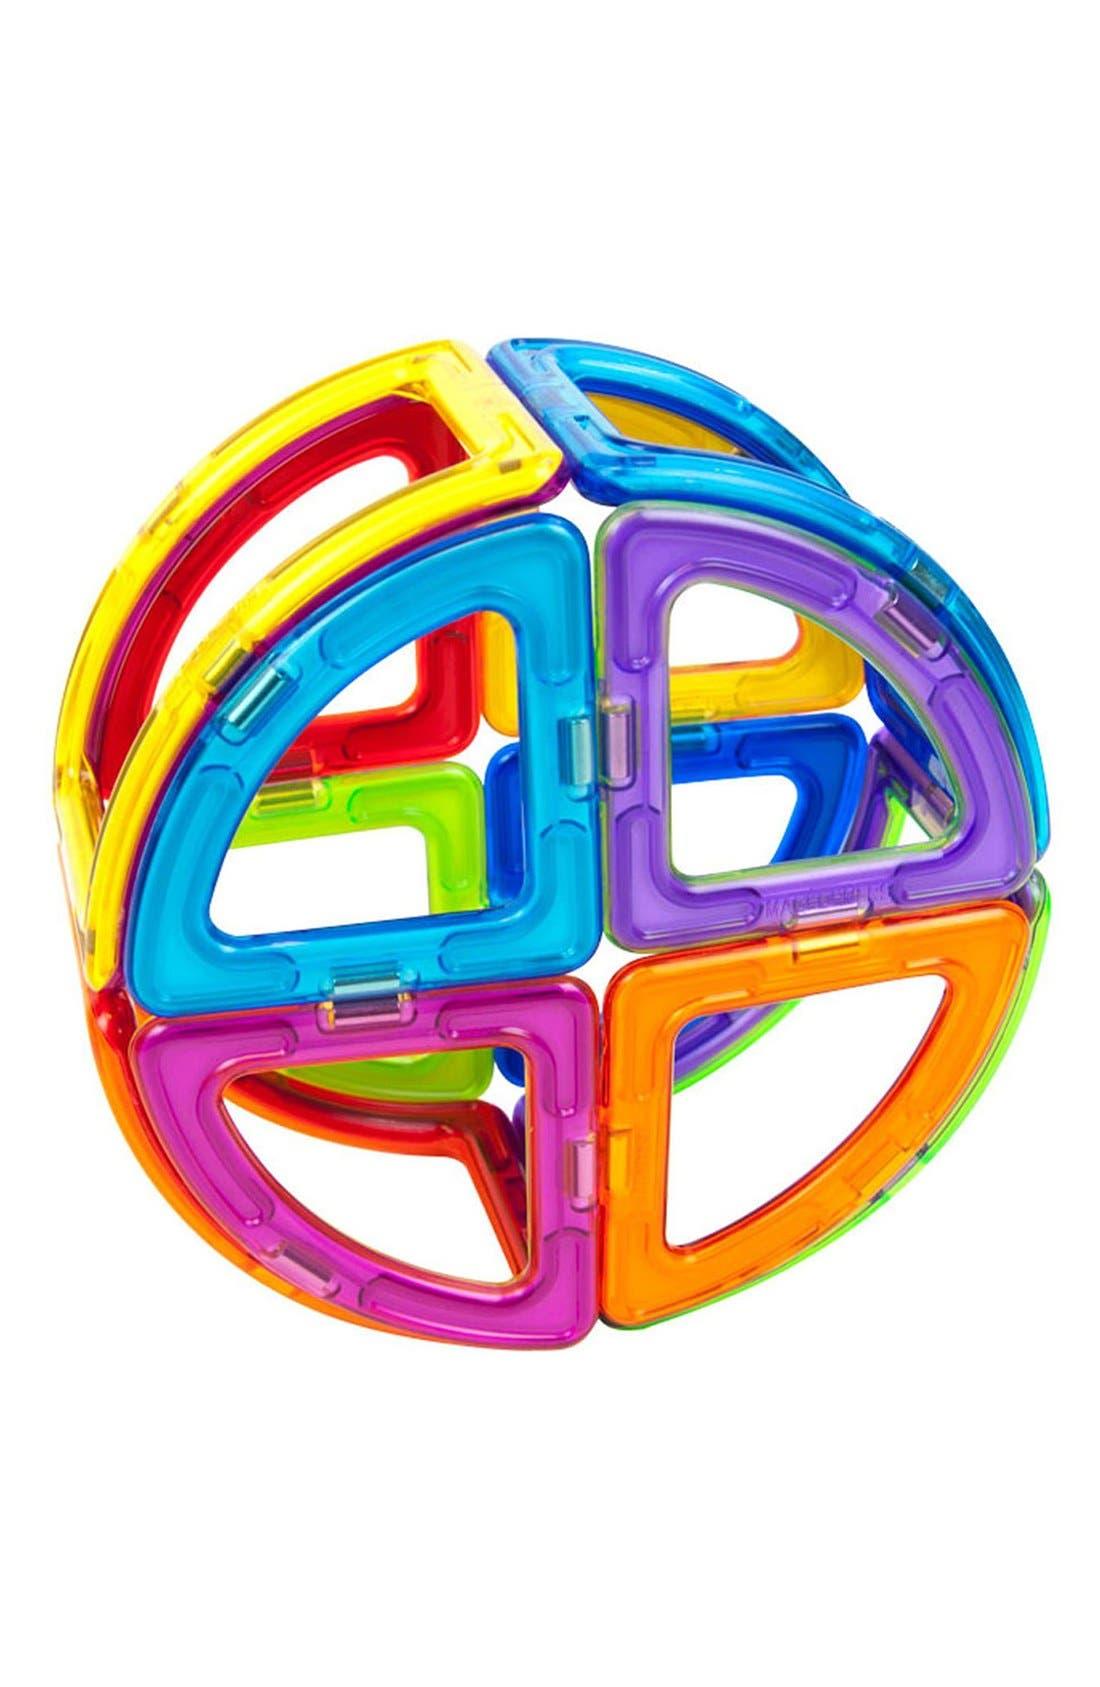 'Creator - Unique' Magnetic 3D Construction Set,                             Alternate thumbnail 3, color,                             Rainbow